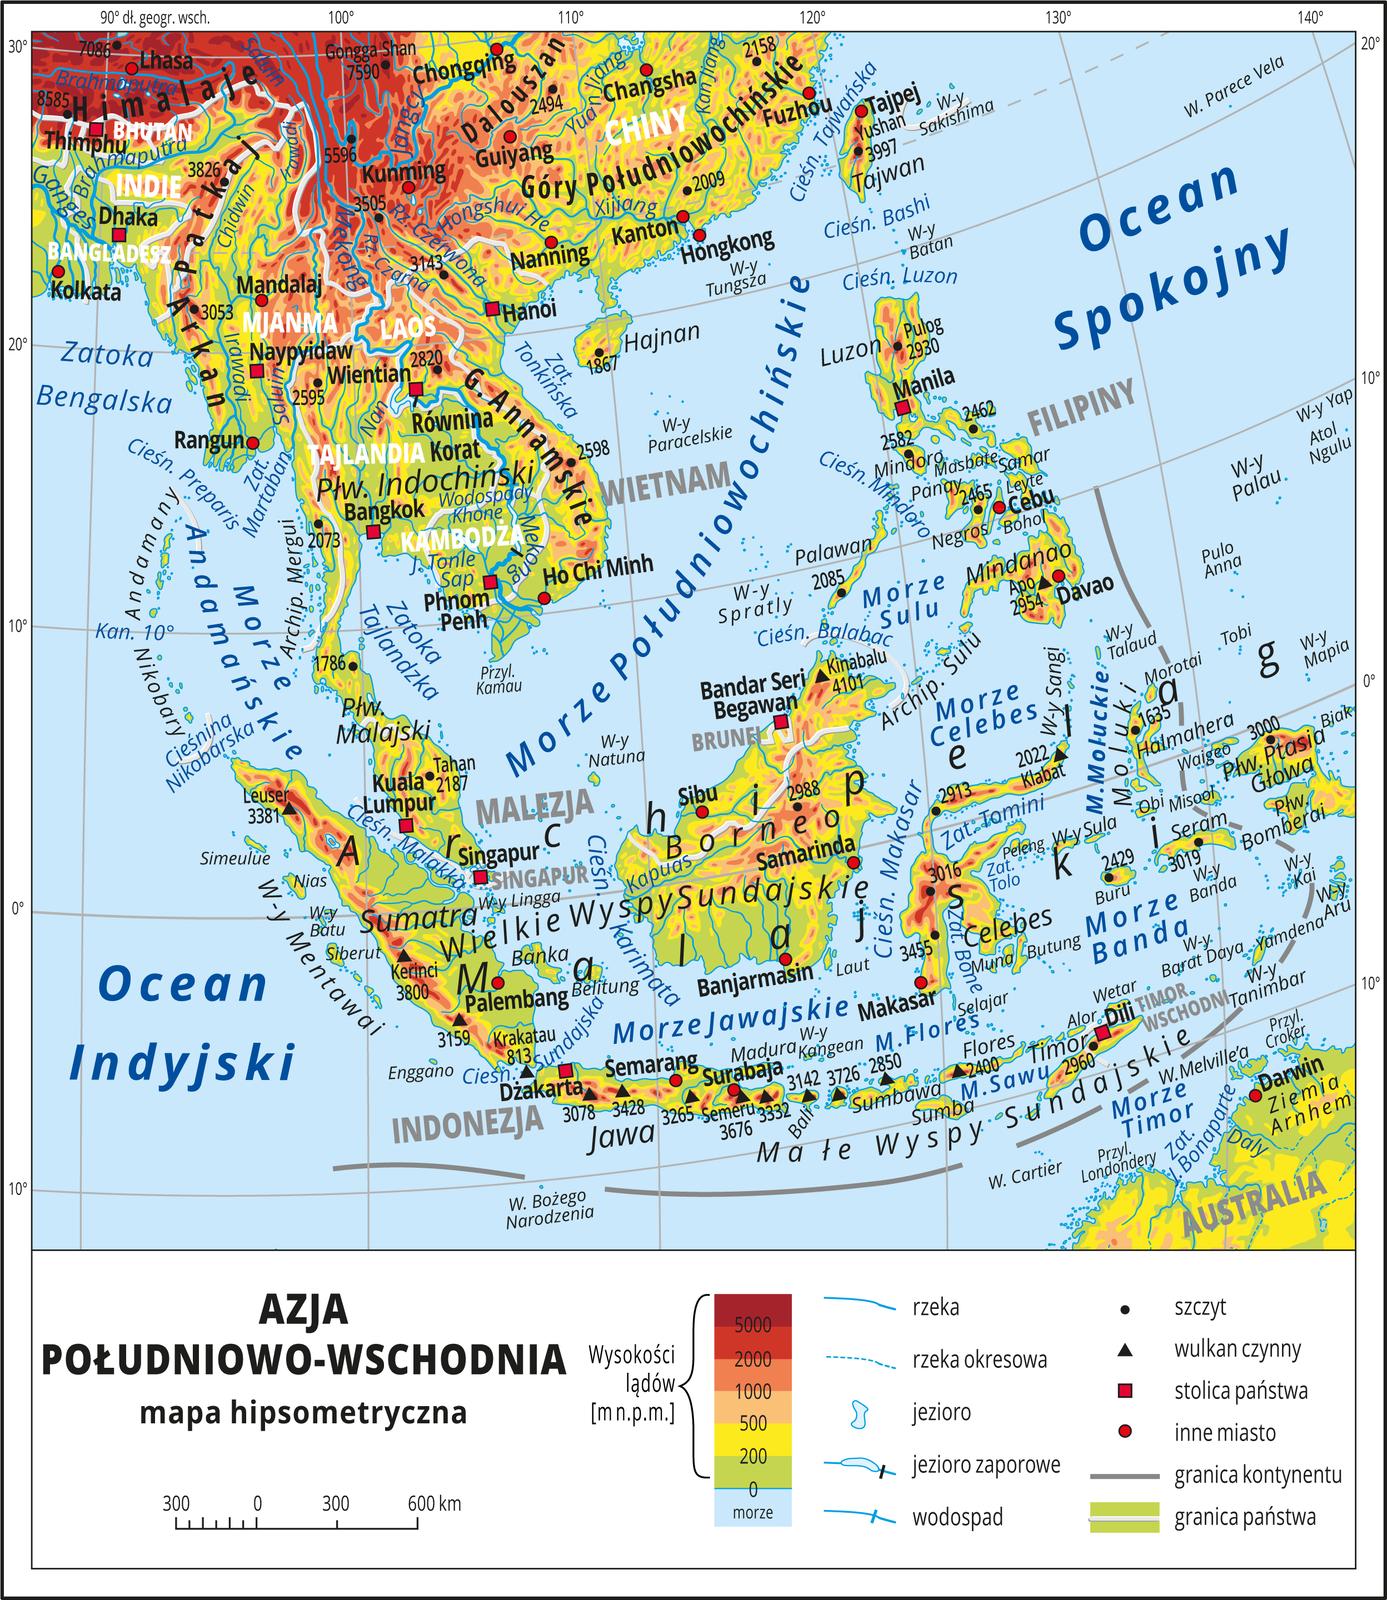 Ilustracja przedstawia mapę hipsometryczną Azji Południowo-Wschodniej. Wobrębie lądów występują obszary wkolorze zielonym, żółtym, pomarańczowym iczerwonym. Na części kontynentalnej przedstawianego obszaru przeważają wyżyny igóry, na wyspach wyżyny. Morza zaznaczono kolorem niebieskim. Na mapie opisano nazwy półwyspów, wysp, nizin, wyżyn ipasm górskich, mórz, zatok, rzek ijezior. Poprowadzono granice państw iopisano nazwy państw. Oznaczono iopisano stolice igłówne miasta. Oznaczono czarnymi kropkami iopisano szczyty górskie. Trójkątami oznaczono wulkany ipodano ich wysokości. Mapa pokryta jest równoleżnikami ipołudnikami. Dookoła mapy wbiałej ramce opisano współrzędne geograficzne co dziesięć stopni. Wlegendzie umieszczono iopisano znaki użyte na mapie.